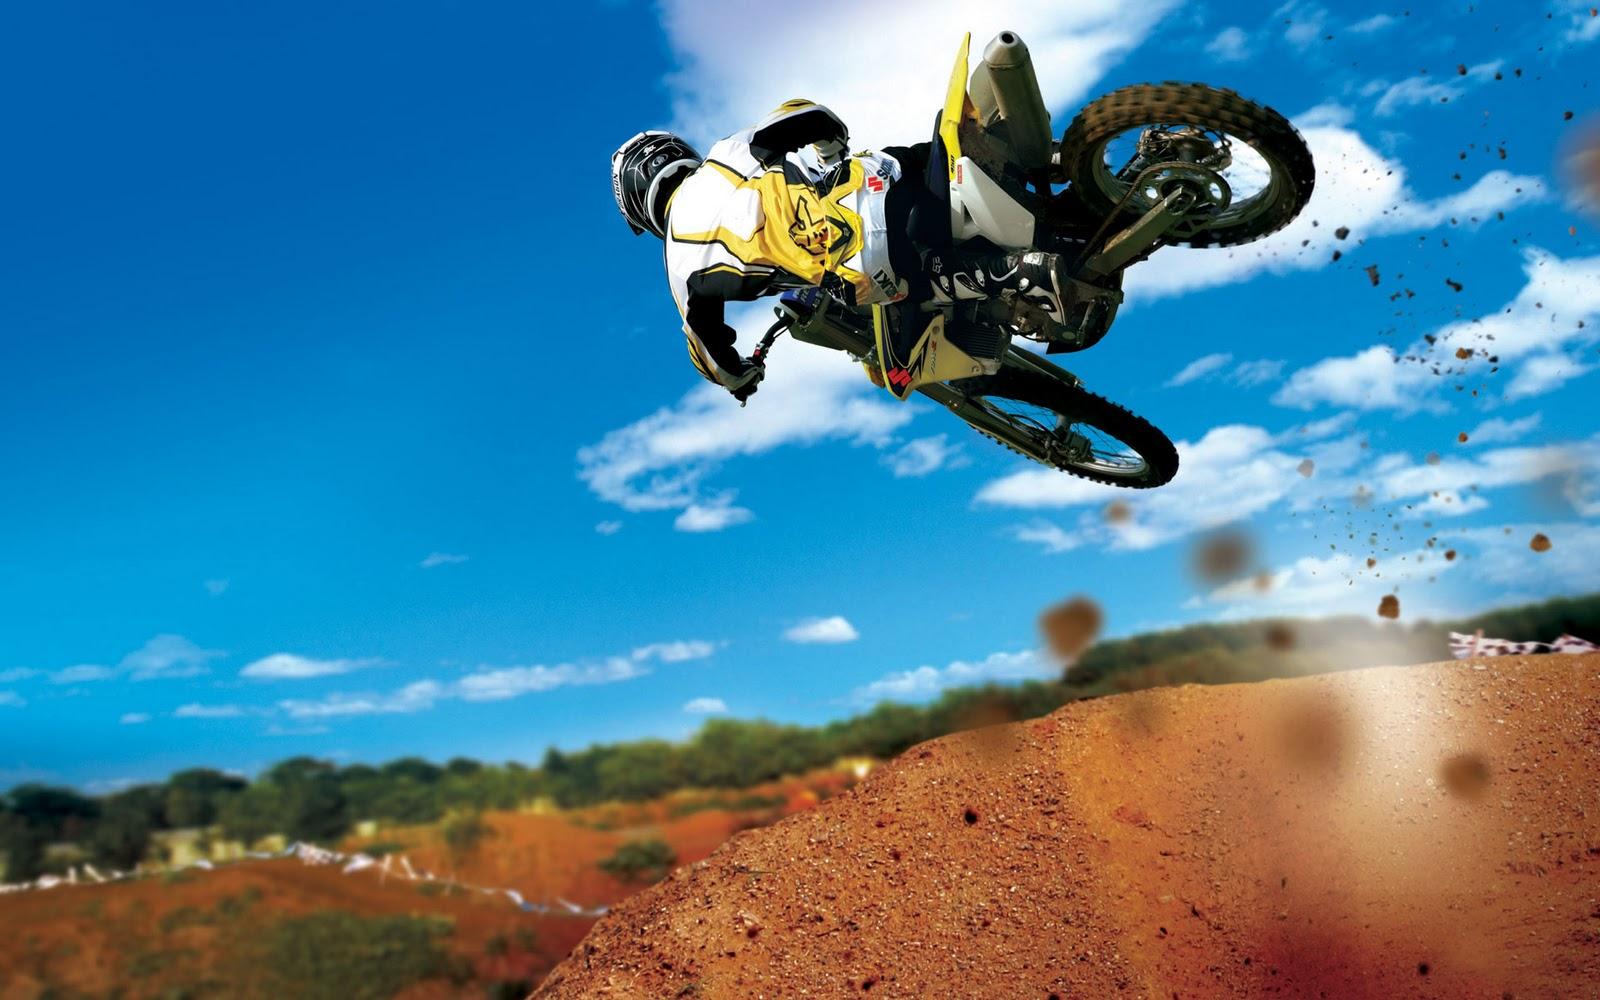 resolution pin transworld motocross girls wallpaper wallpapers com on 1600x1000